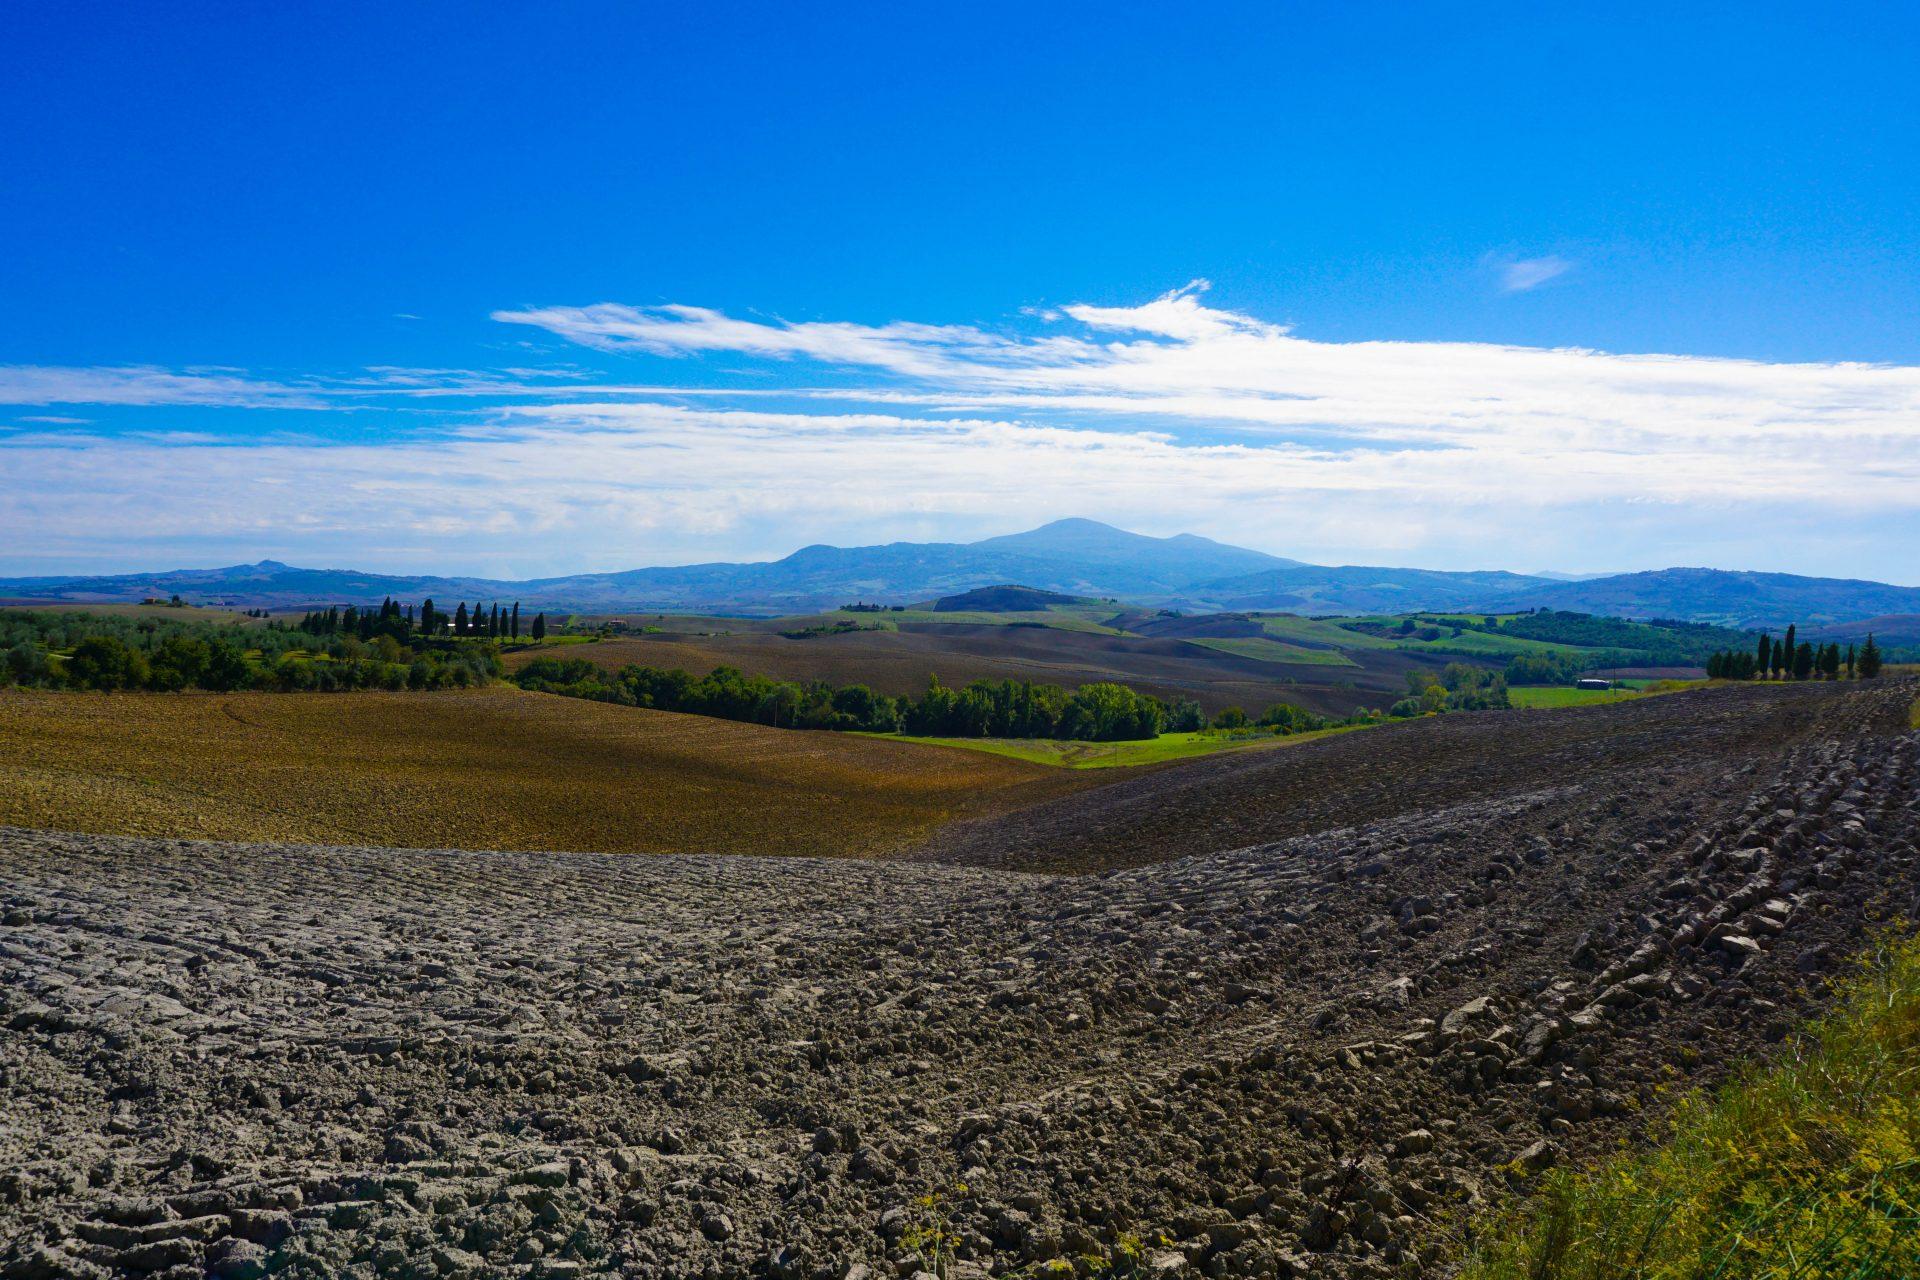 val d'orcia toskania włochy tuscany italy